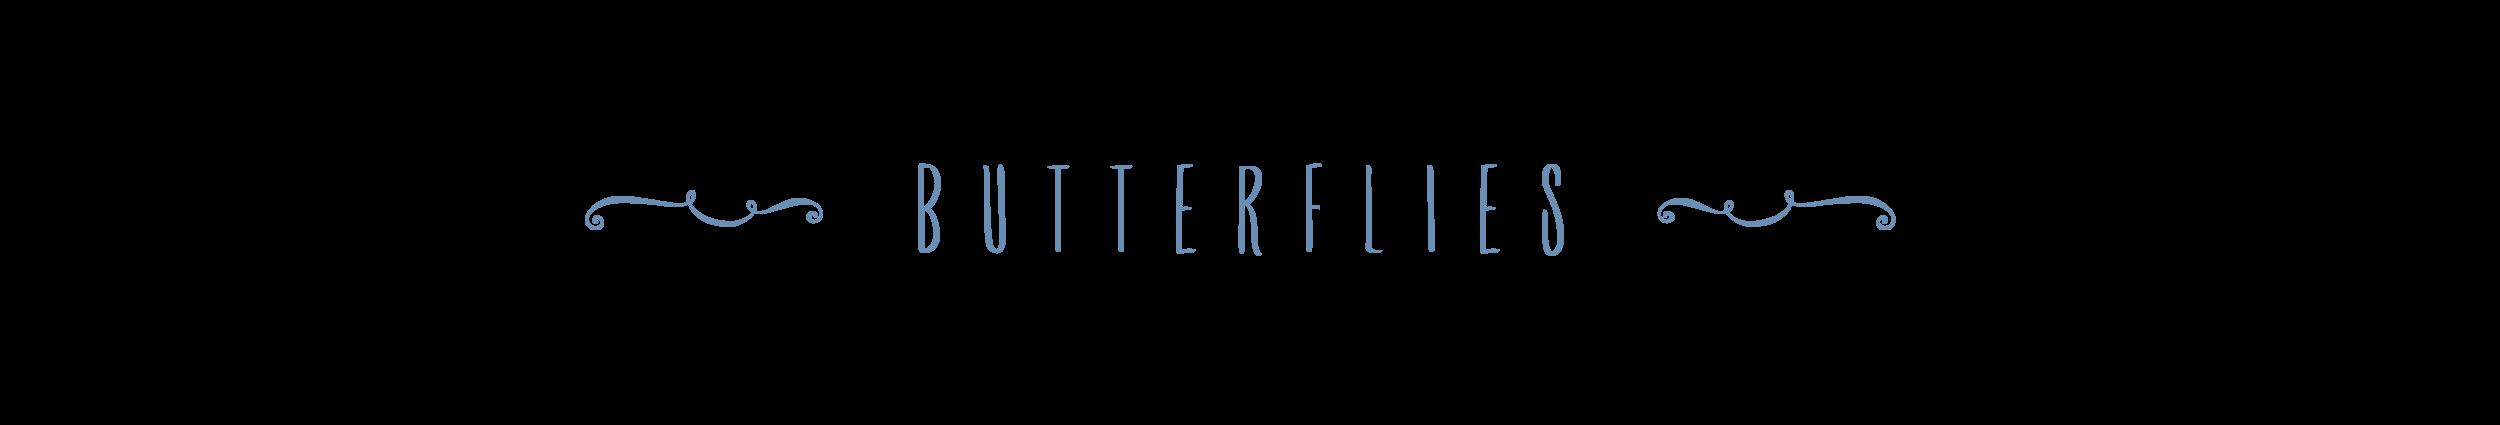 Butterflies Banner2-01HRC